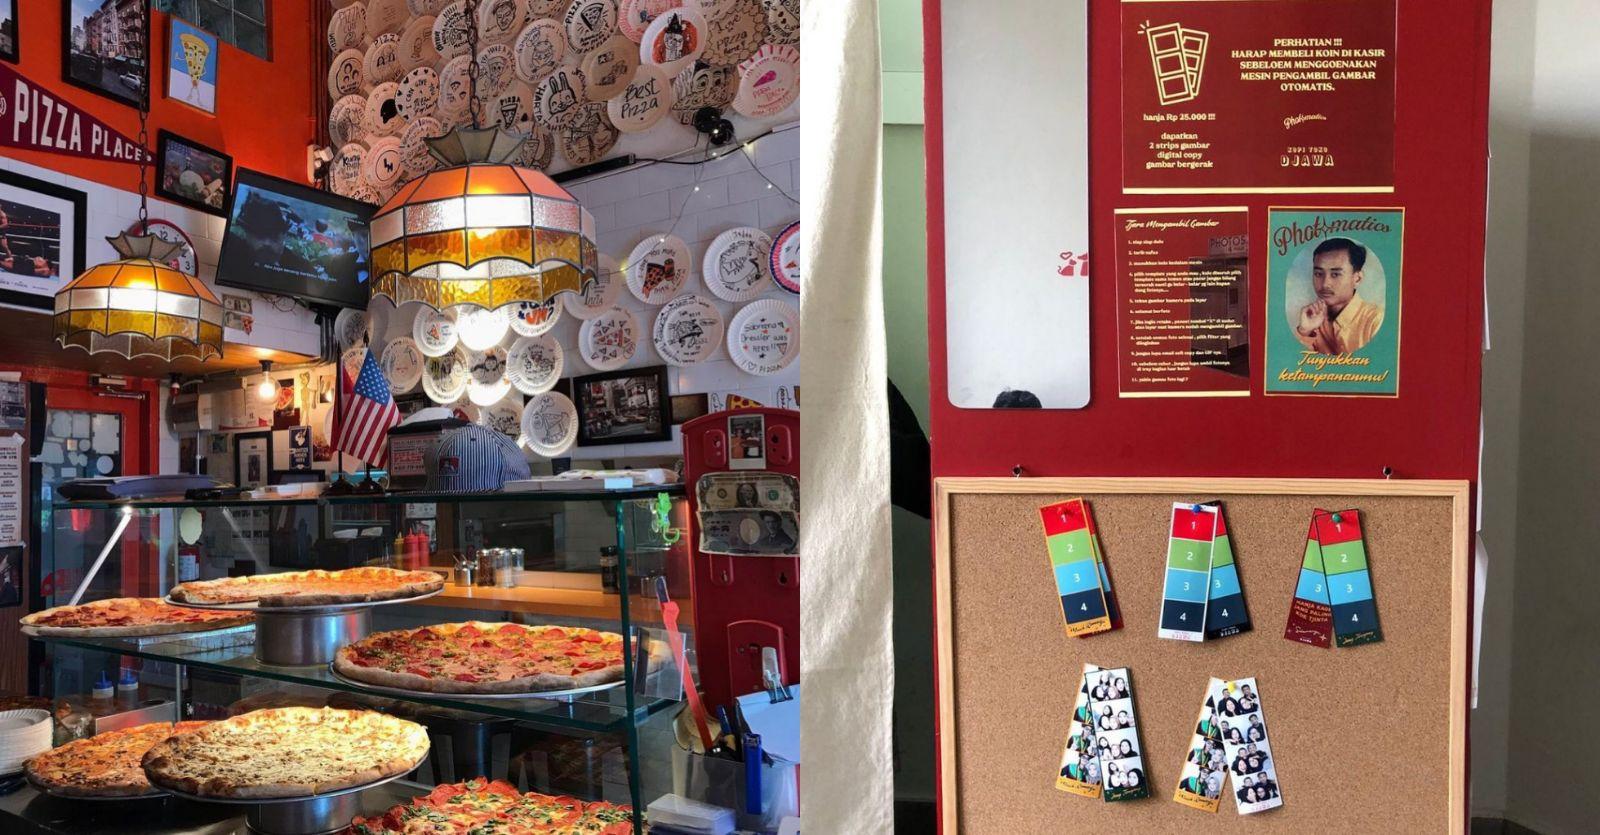 Pizza Place, Kelapa Gading - Photobooth Photobox Kekinian Di Jakarta Dan Bandung